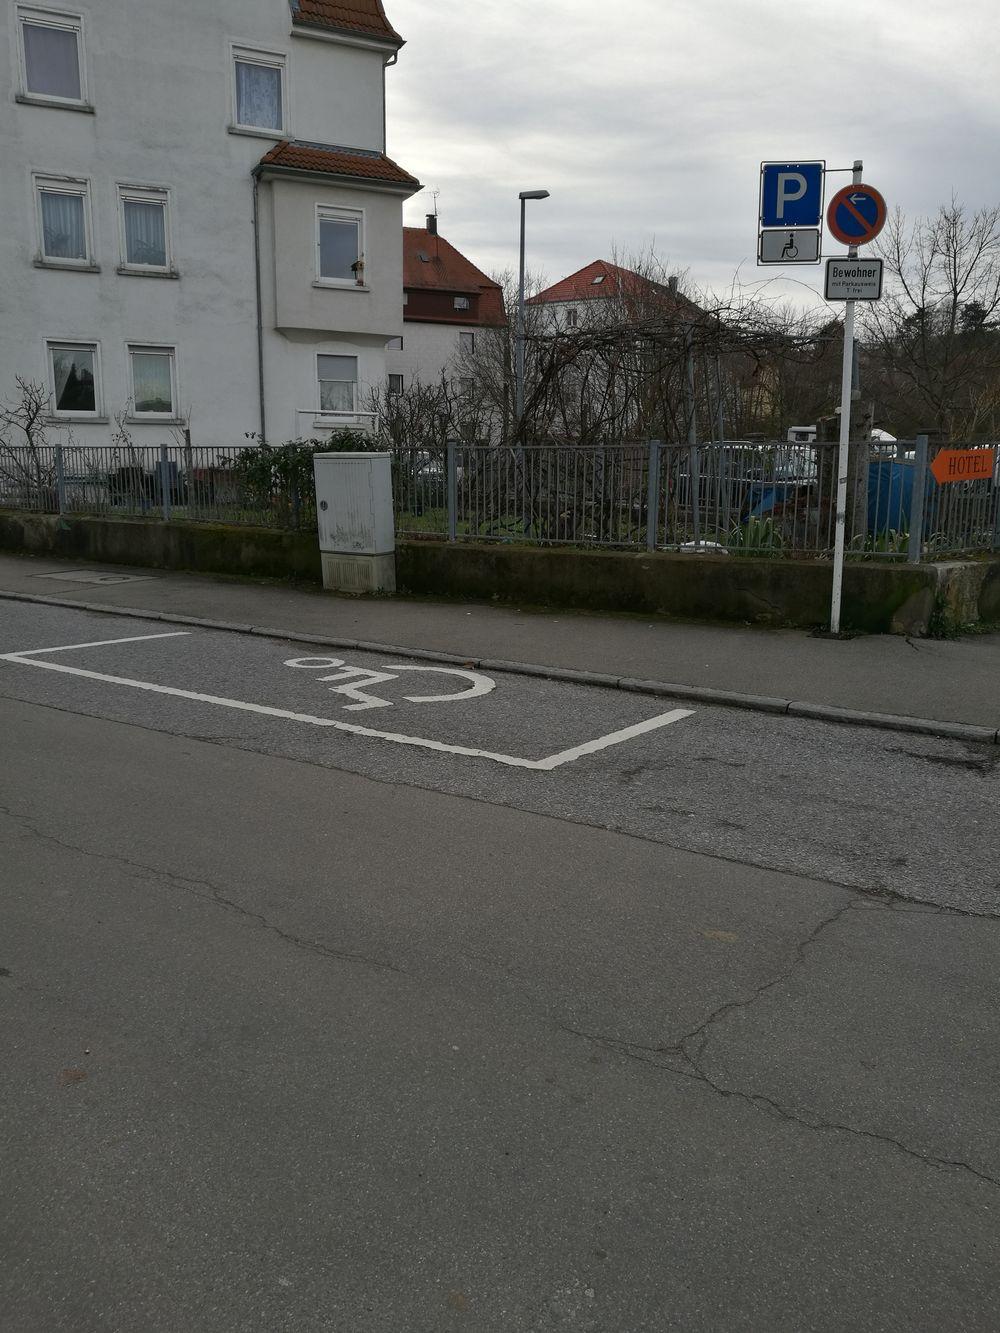 1 Behindertenparkplatz in der Bösmannäckerstraße 2